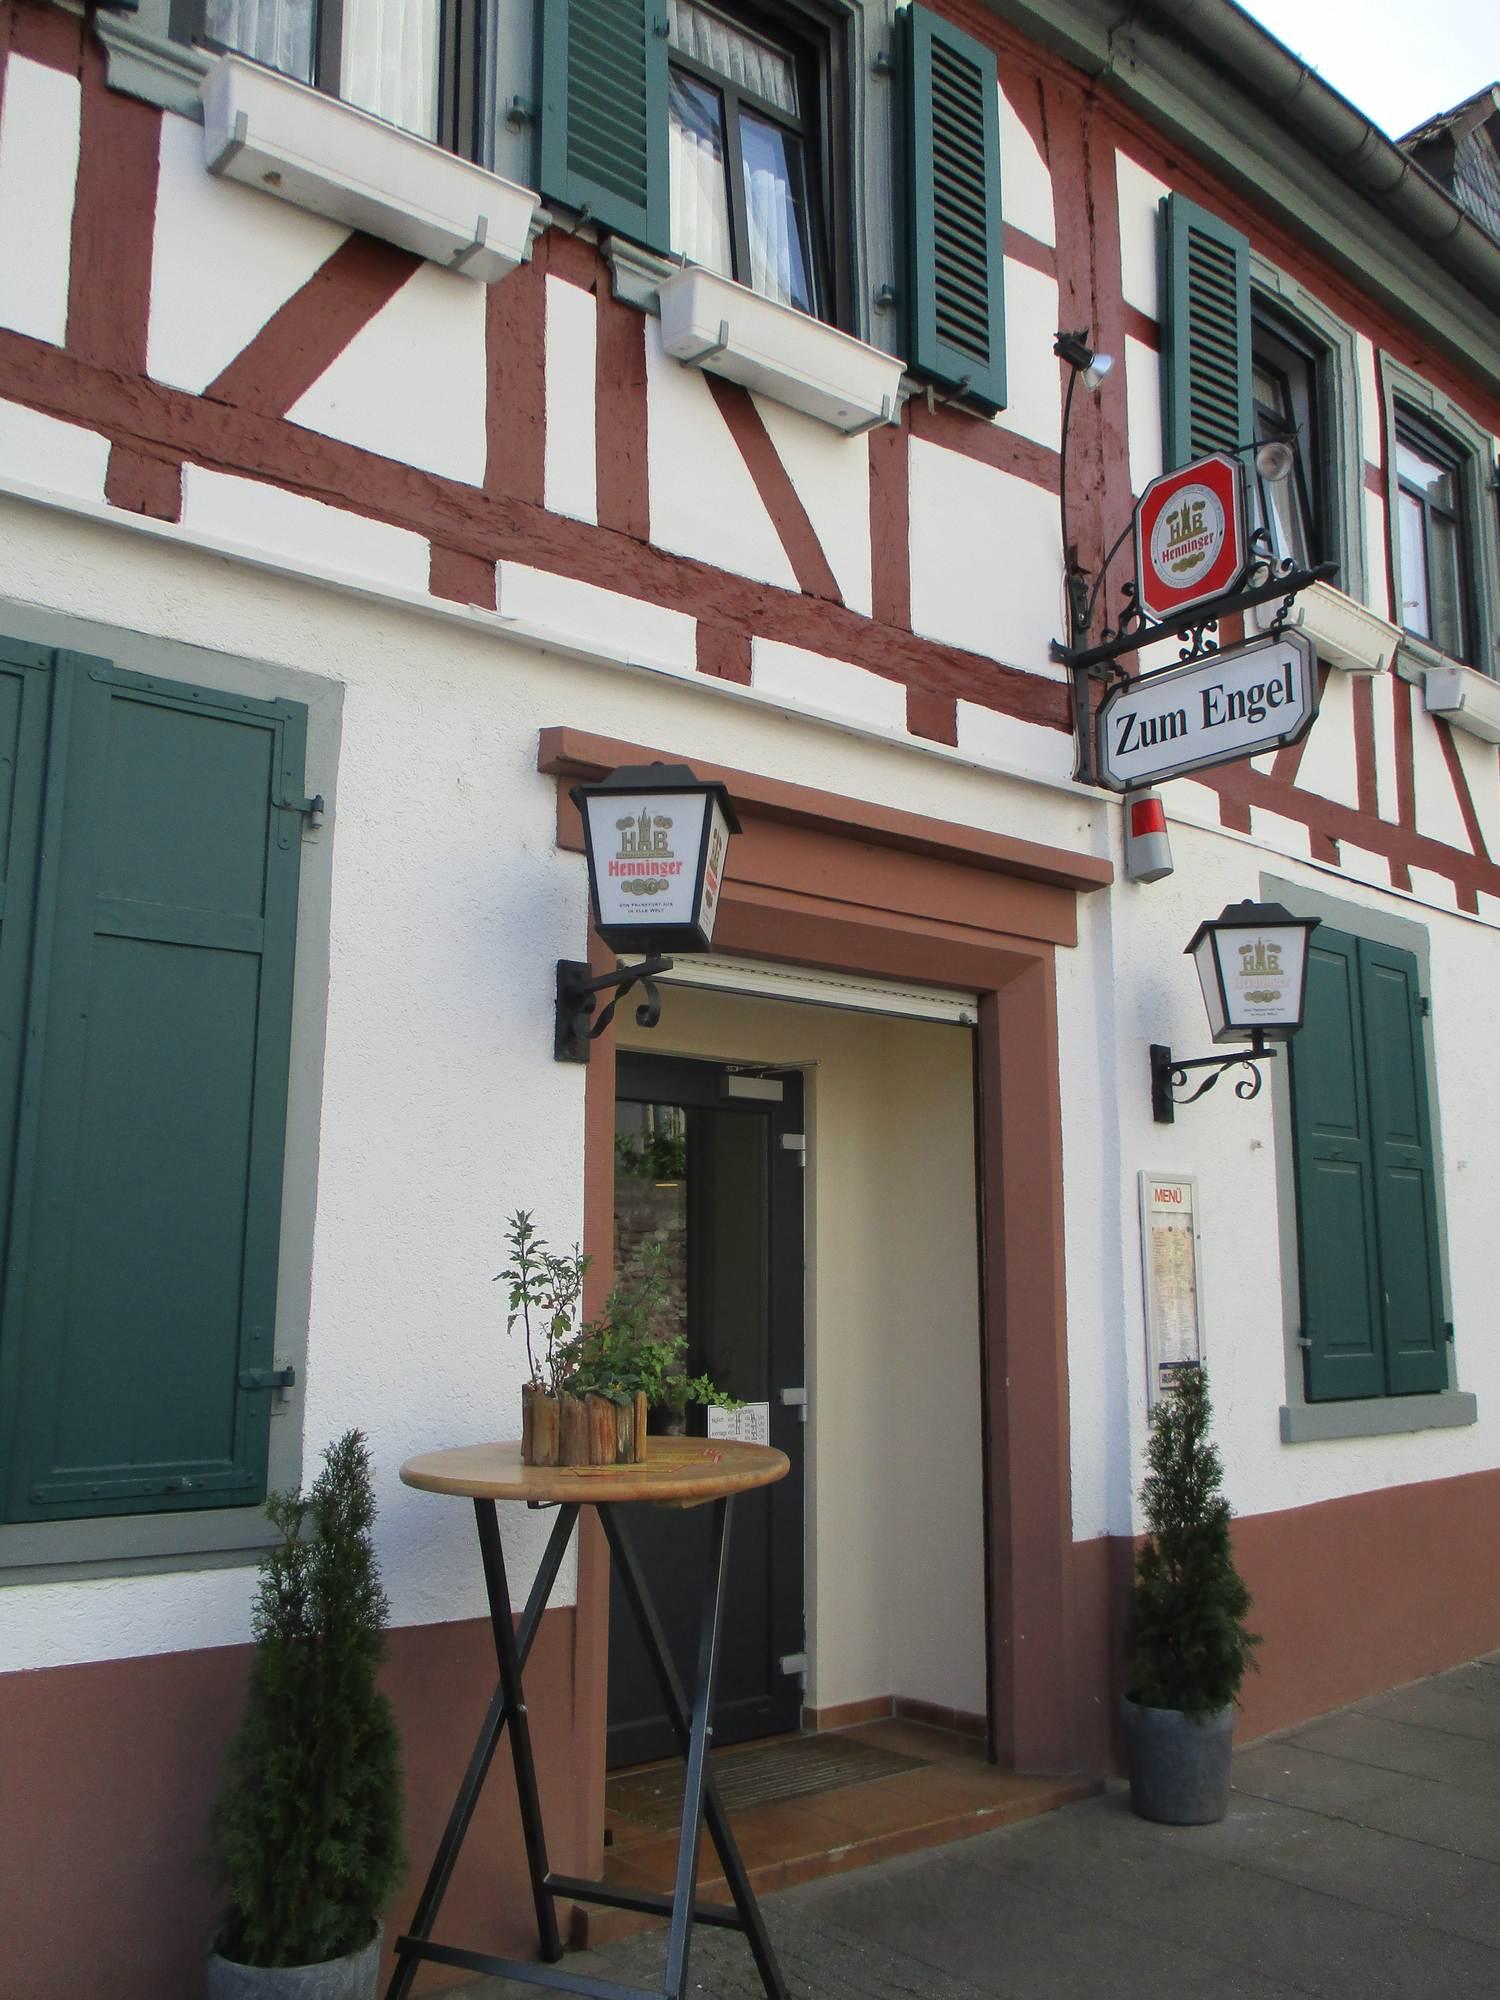 Zum Engel Hattersheim